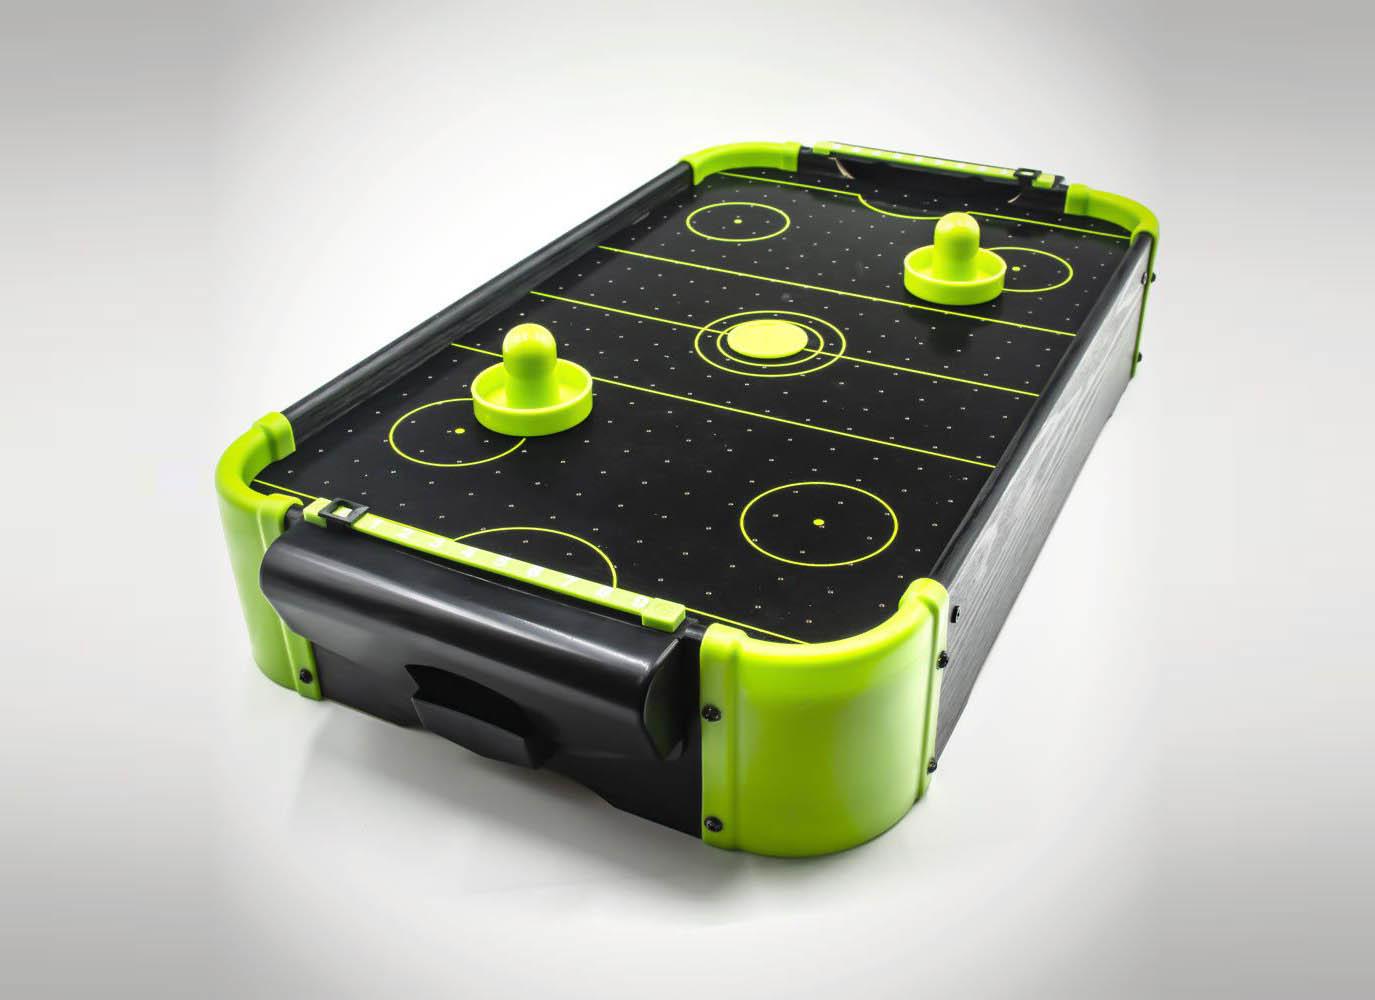 Masa air hockey cu elemente neon thumbnail